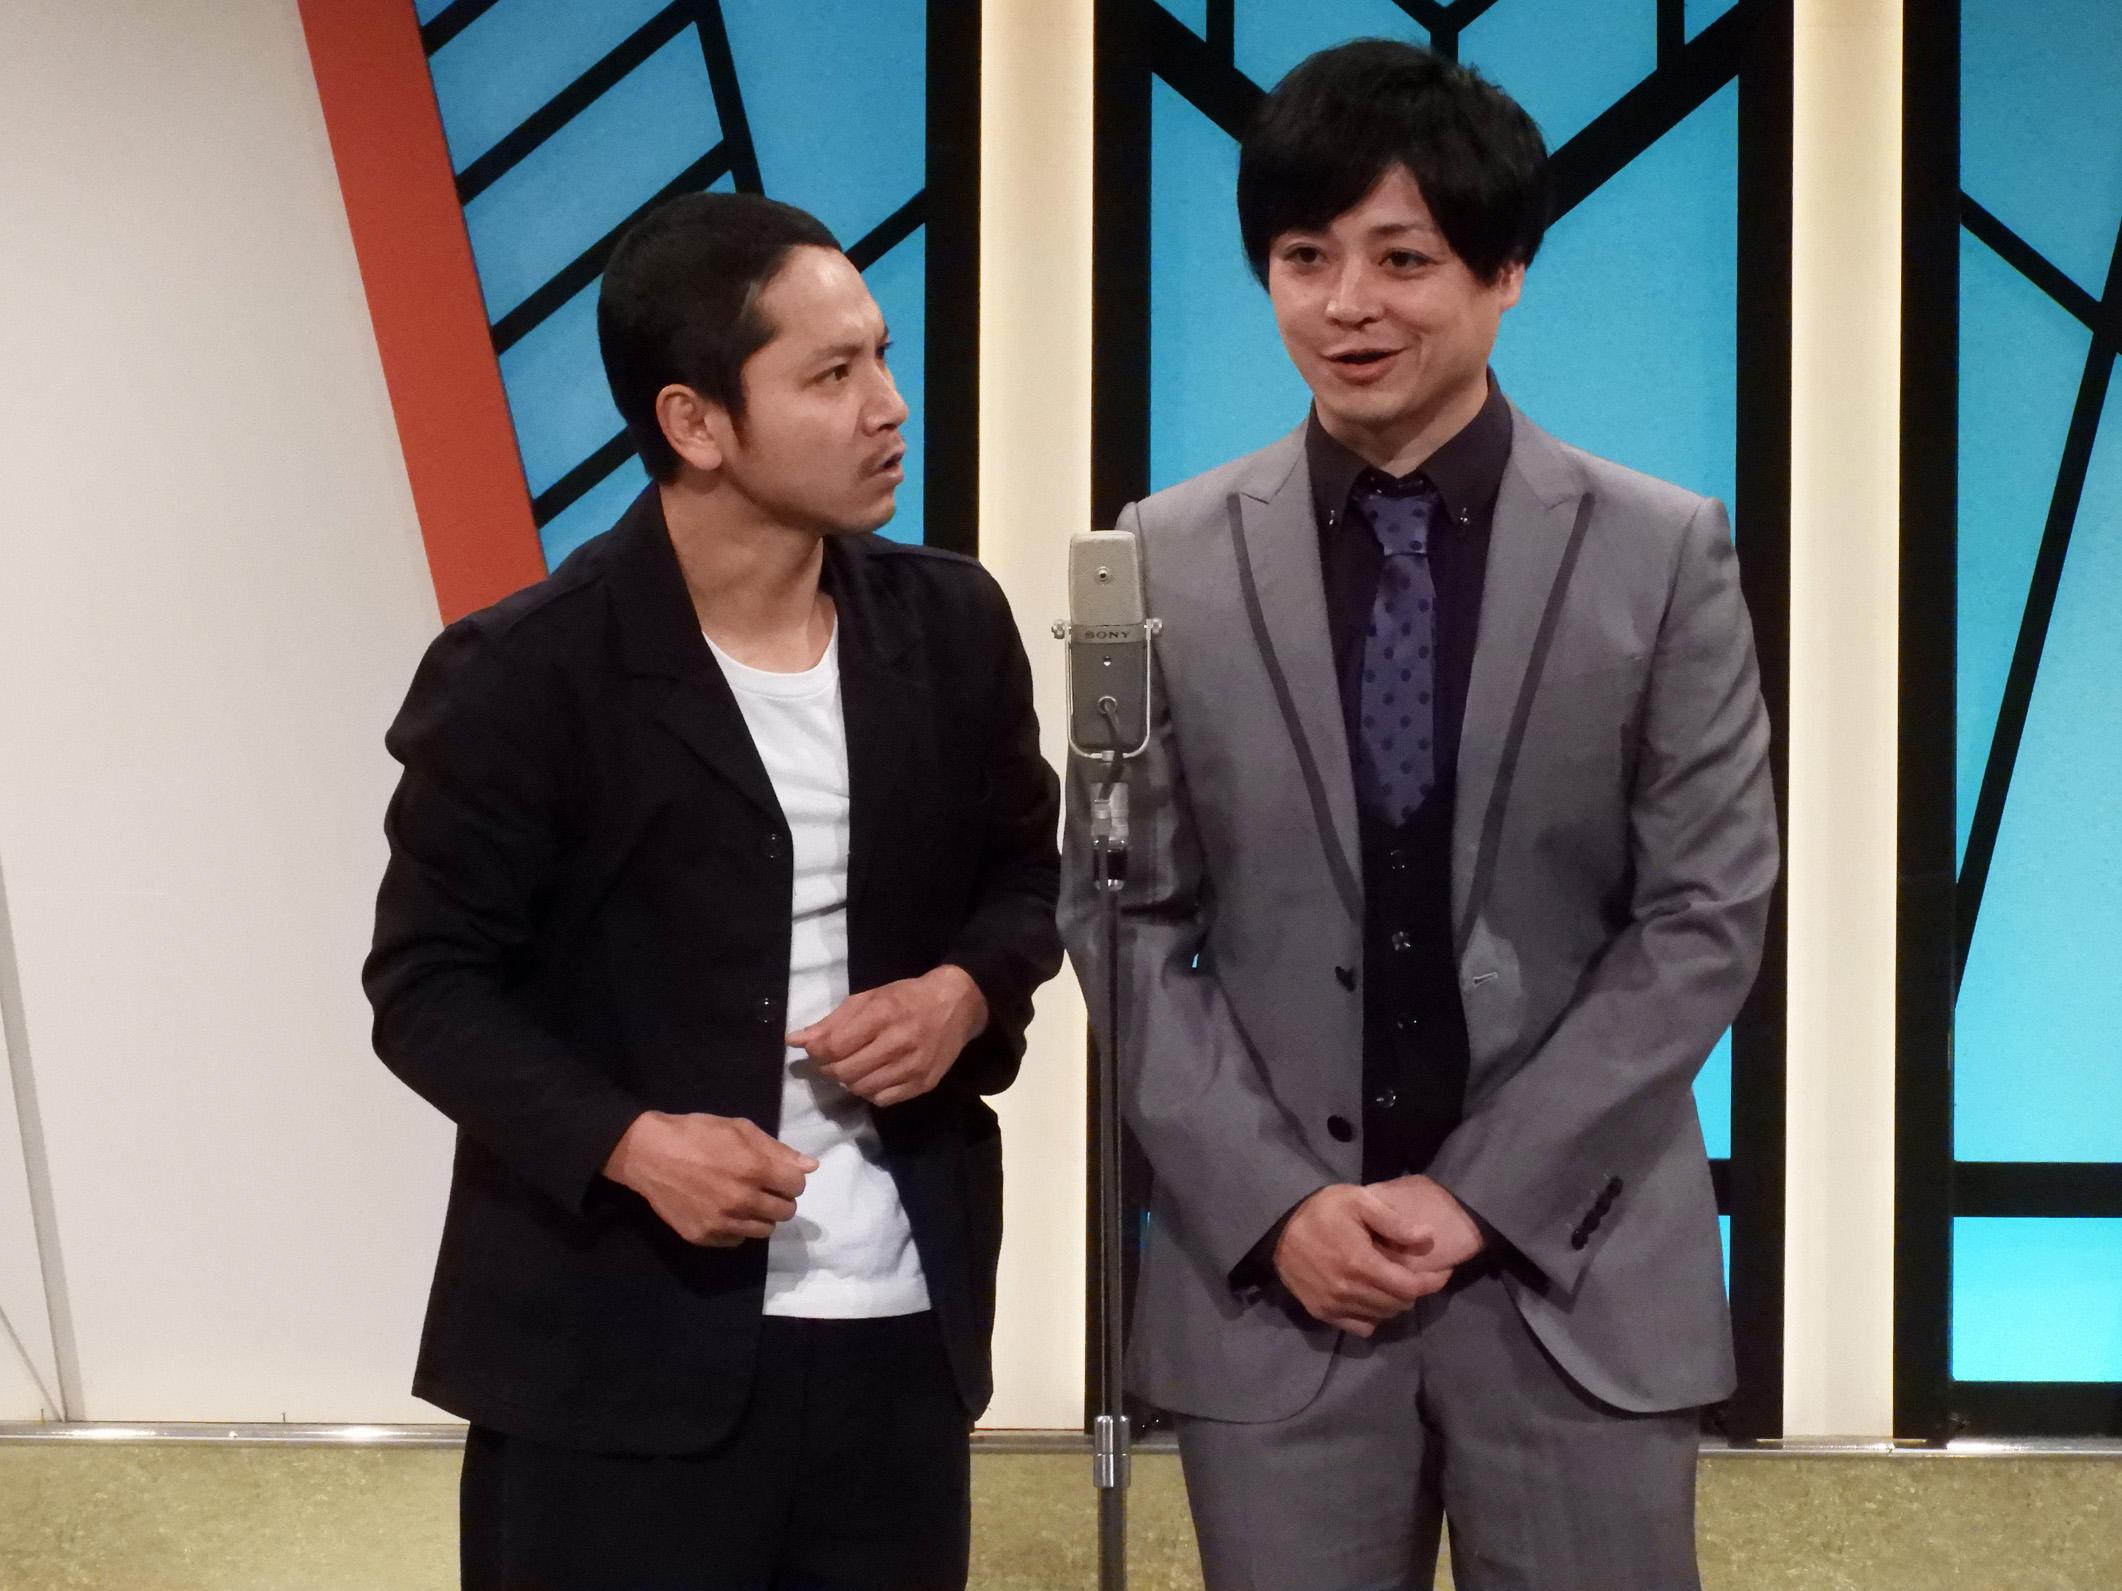 http://news.yoshimoto.co.jp/20181105124304-bcdbb995c1db05e9c5cd7982975da10a71531614.jpg